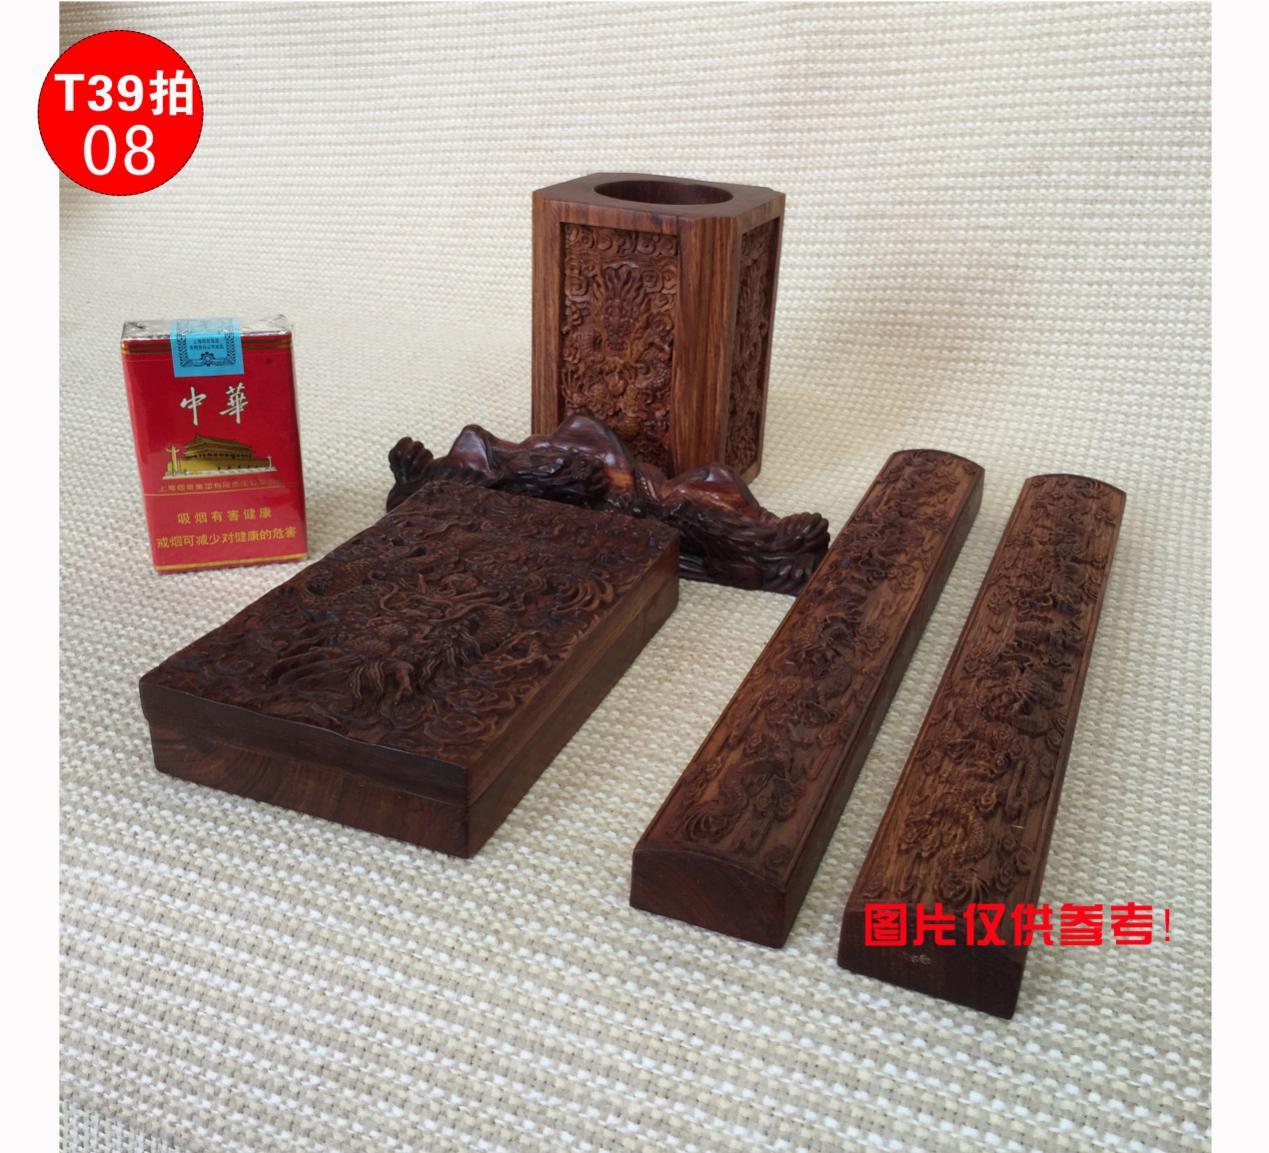 大众网--让木桩给红木v木桩连天红微信竞拍越客户新美家具图片